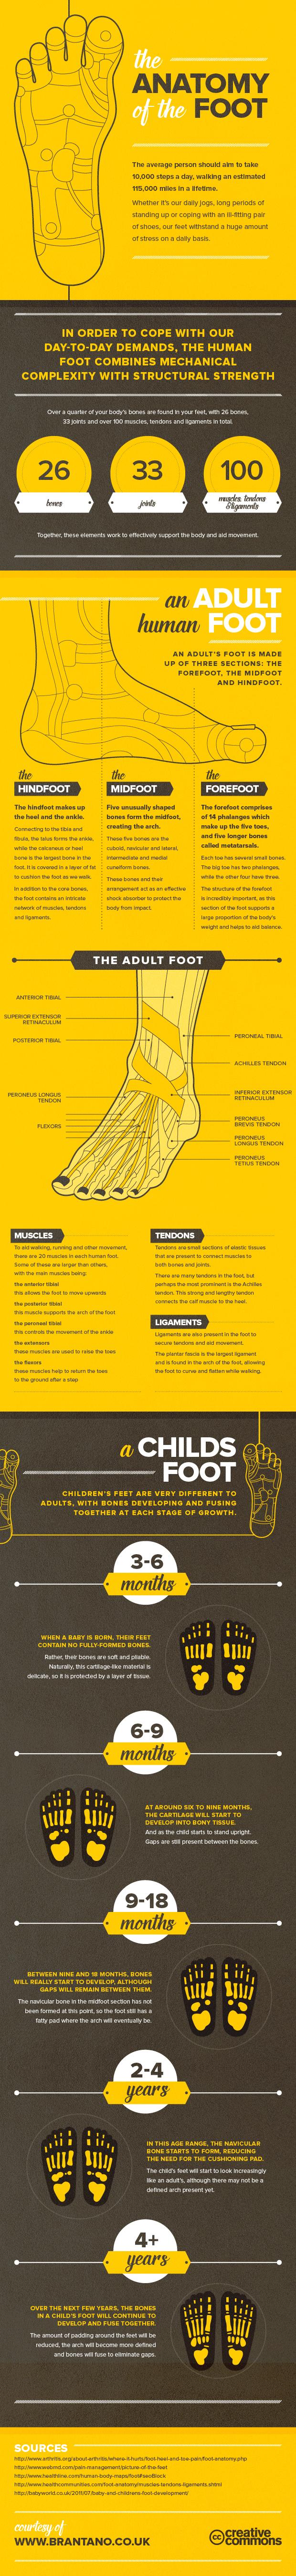 Brantano Anatomny of the Foot FINAL